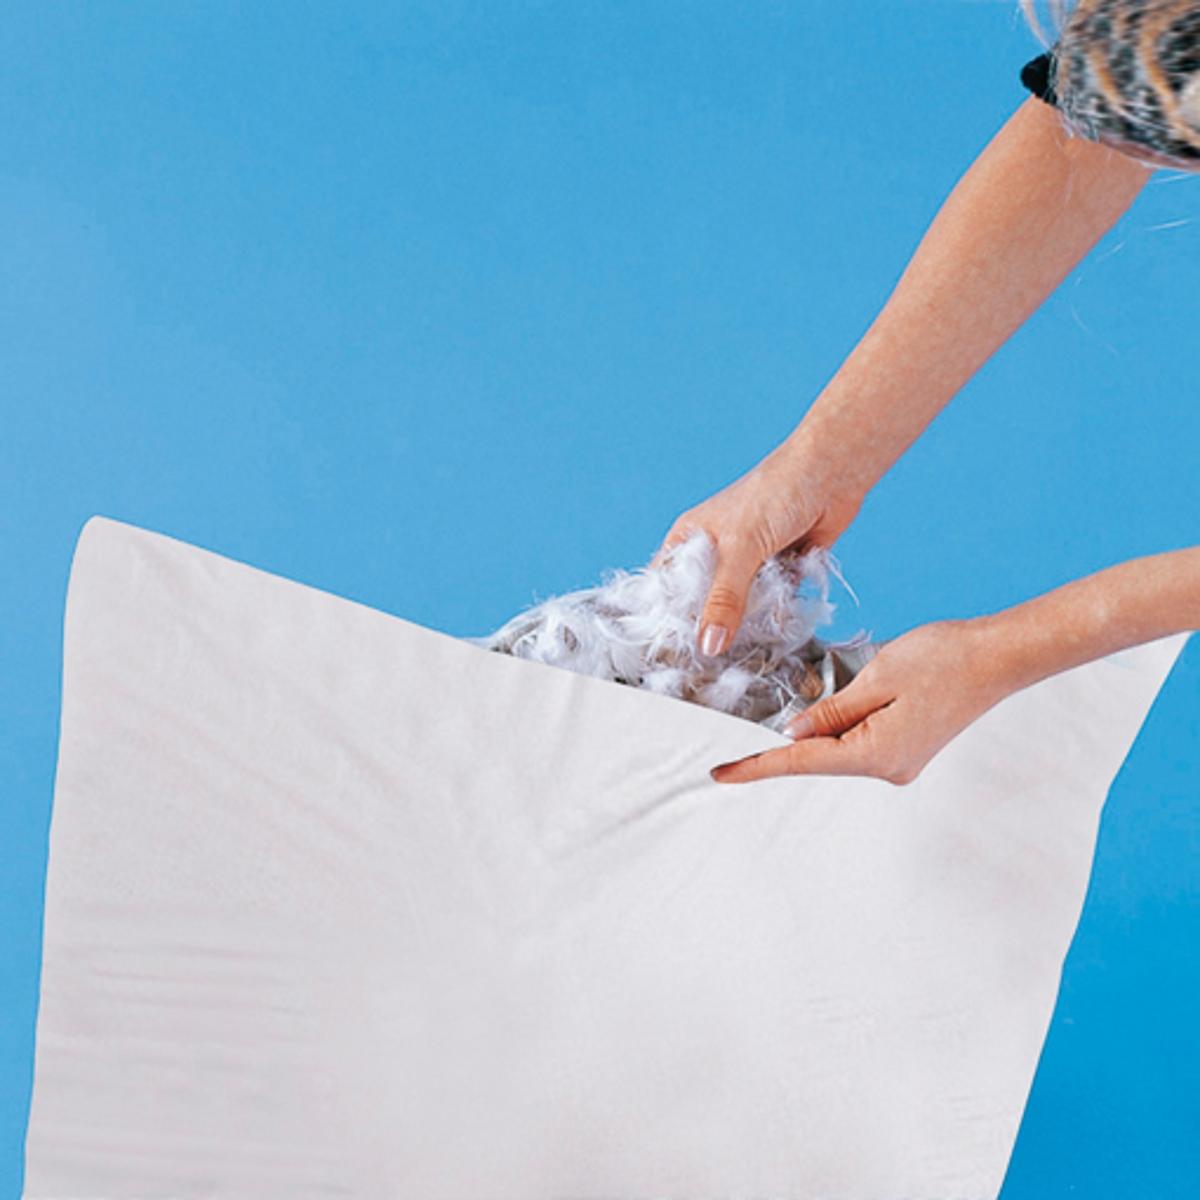 Наперник для подушкиОчень практичный и экономный наперник для подушки! Матрасная ткань плотного плетения не пропускает пух и перо, 100% хлопок. Разрез 20 см, после набивки зашить. Стирка наперника при 95°.<br><br>Цвет: белый,в полоску<br>Размер: 60 x 60  см.65 x 65  см